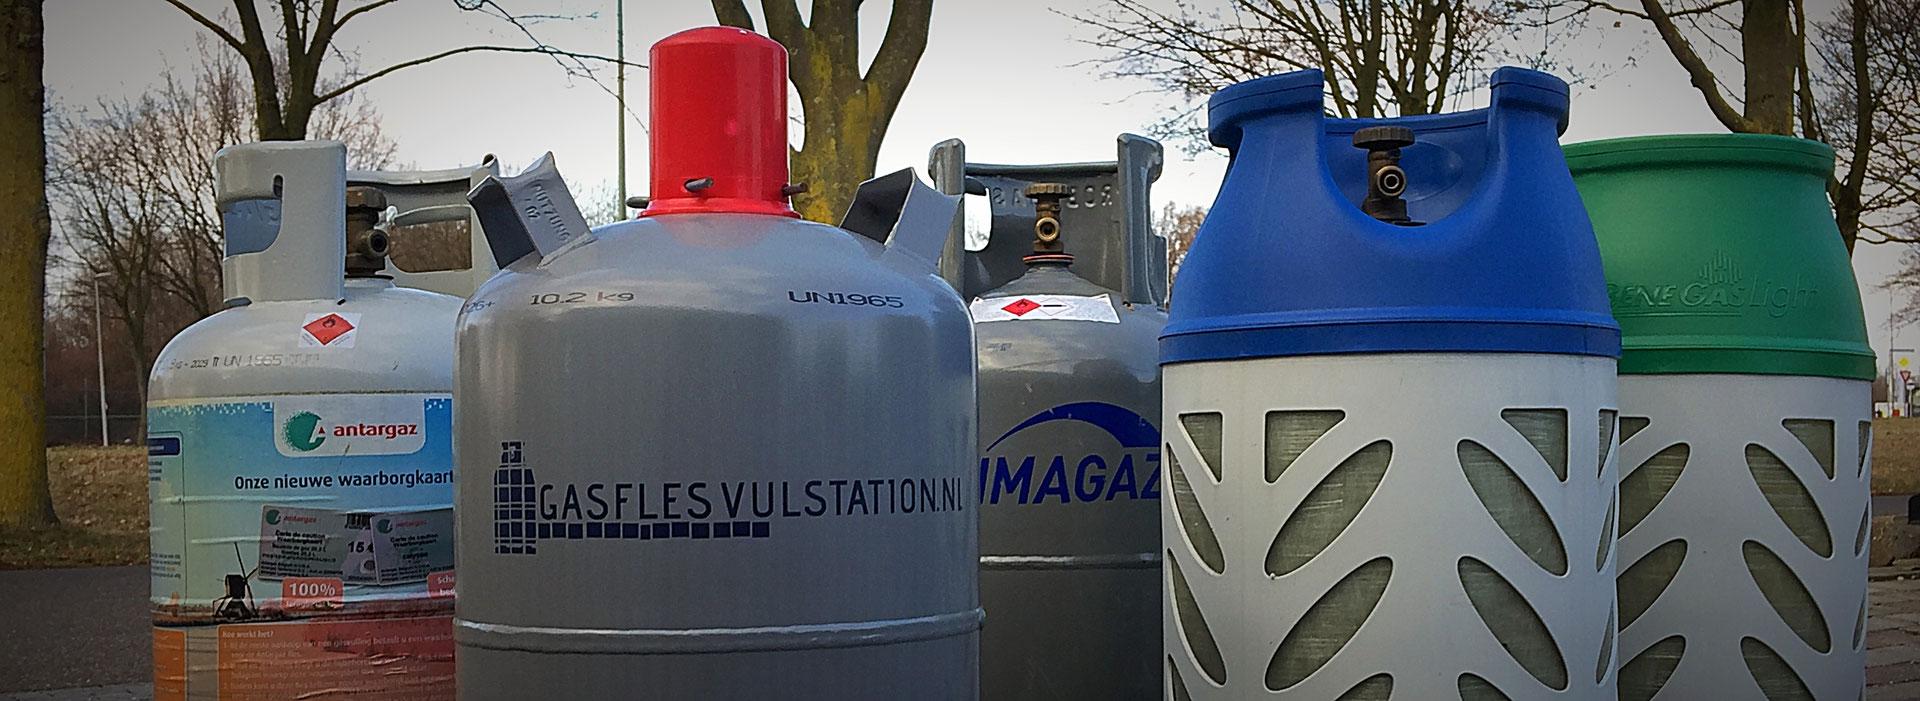 Goede gasfles vanaf 10 kg - De website van gasflesvulstation.nl! JT-42